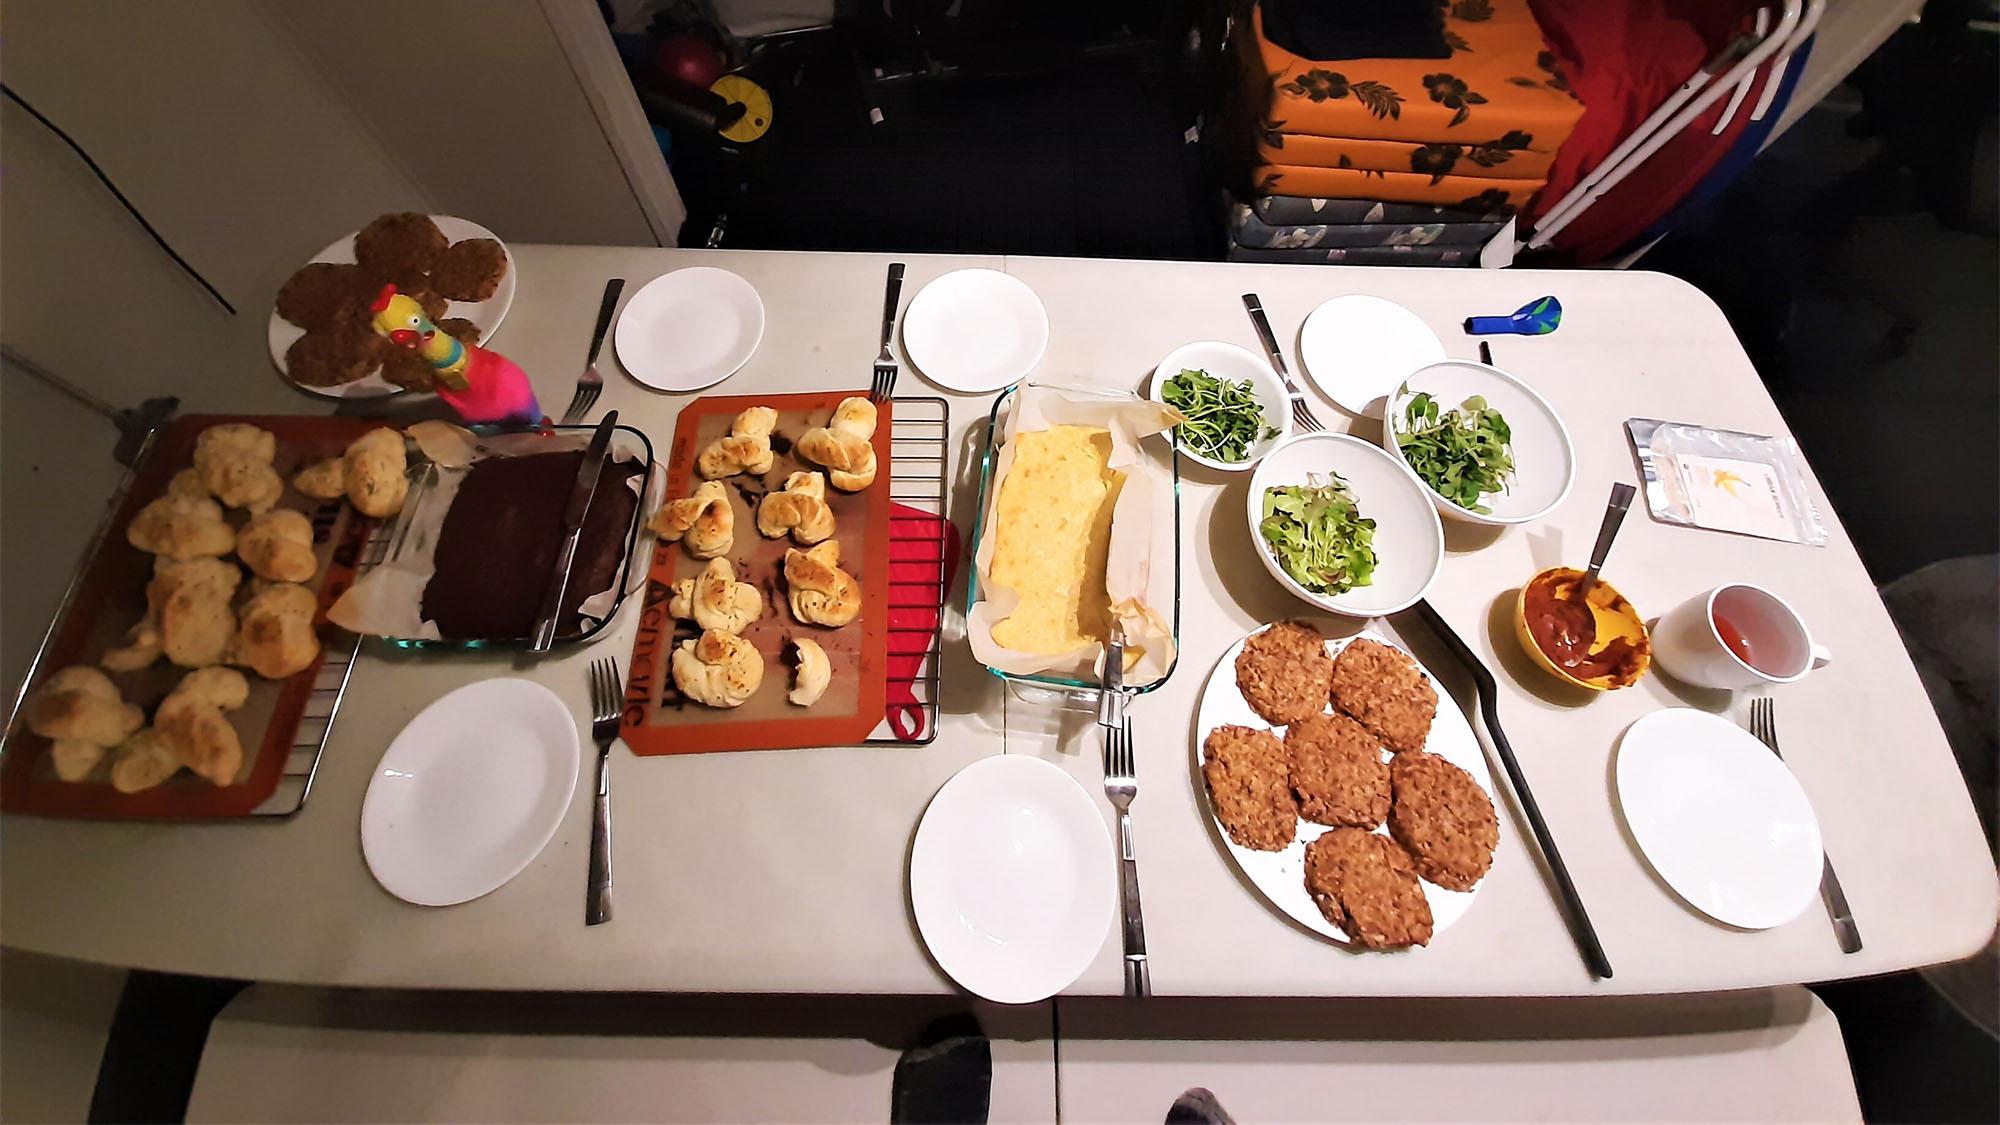 Le dernier dîner que l'équipage du Sensoria M3 a organisé en mission comprenait des salades fraîches, des galettes de haricots, du quinoa et des légumes, du pain de maïs, des nœuds à l'ail, de la sauce au curry et des brownies sans gluten gardés par le jouet